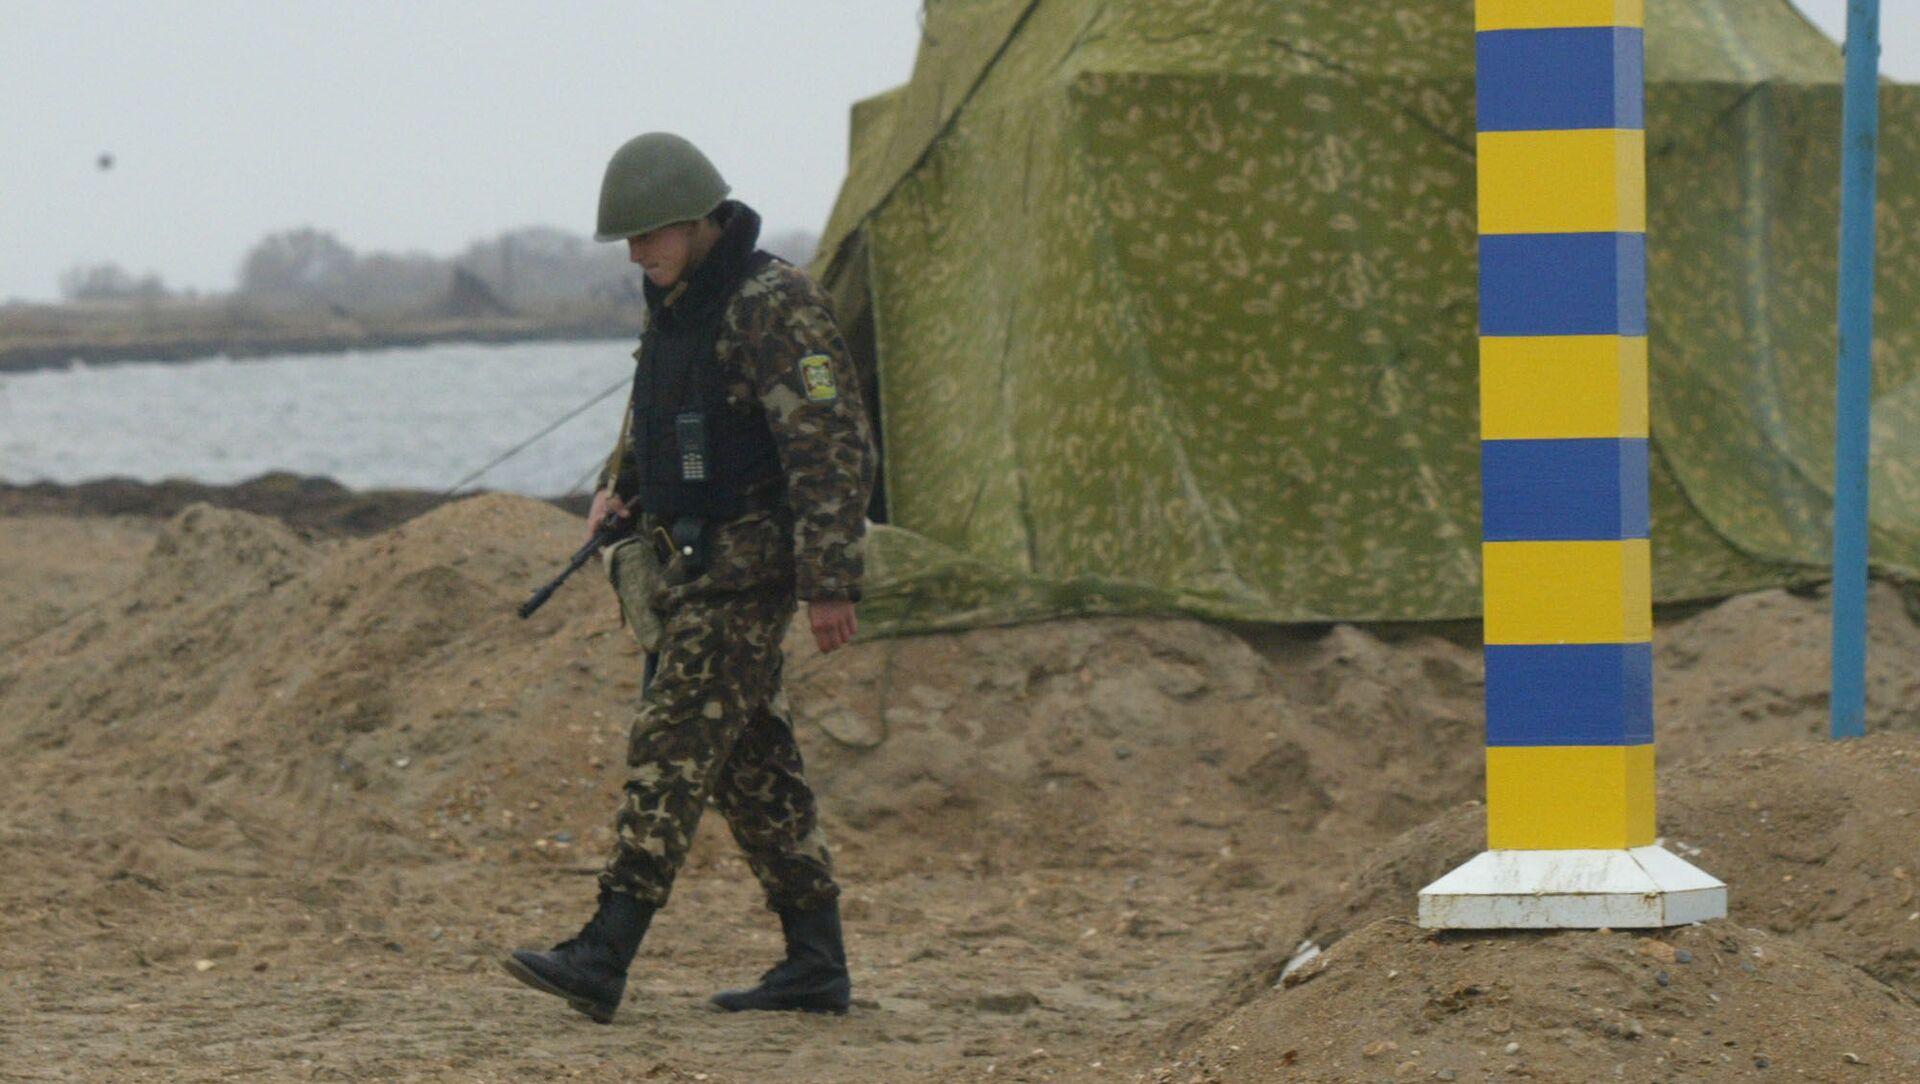 Ukraińska straż graniczna na granicy ukraińsko-rosyjskiej w pobliżu Morza Azowskiego - Sputnik Polska, 1920, 05.04.2021